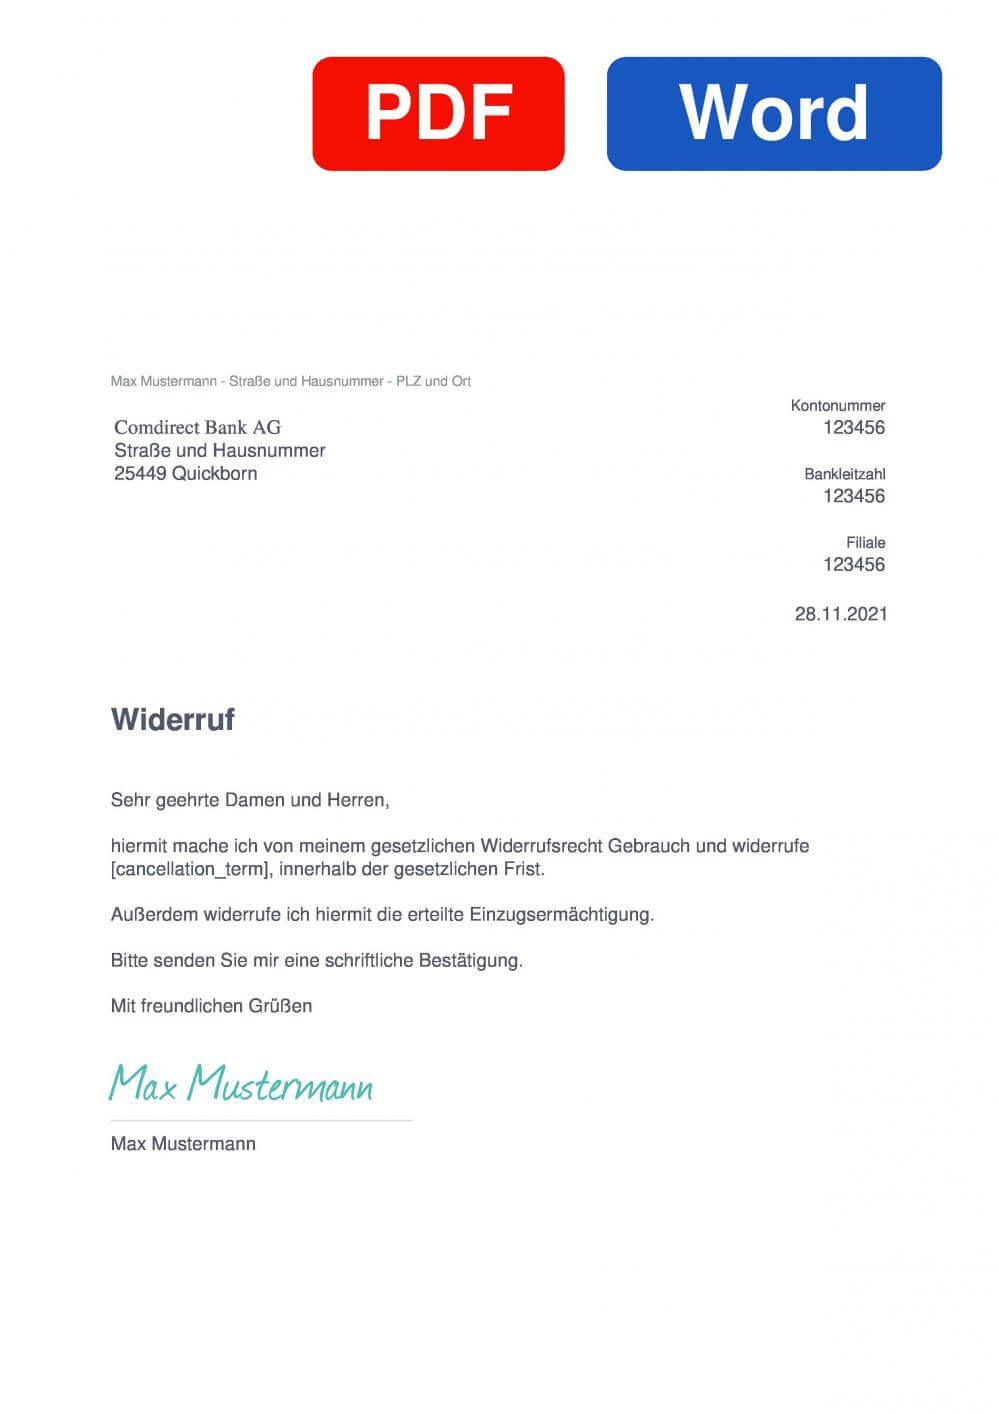 comdirect Bank Muster Vorlage für Wiederrufsschreiben